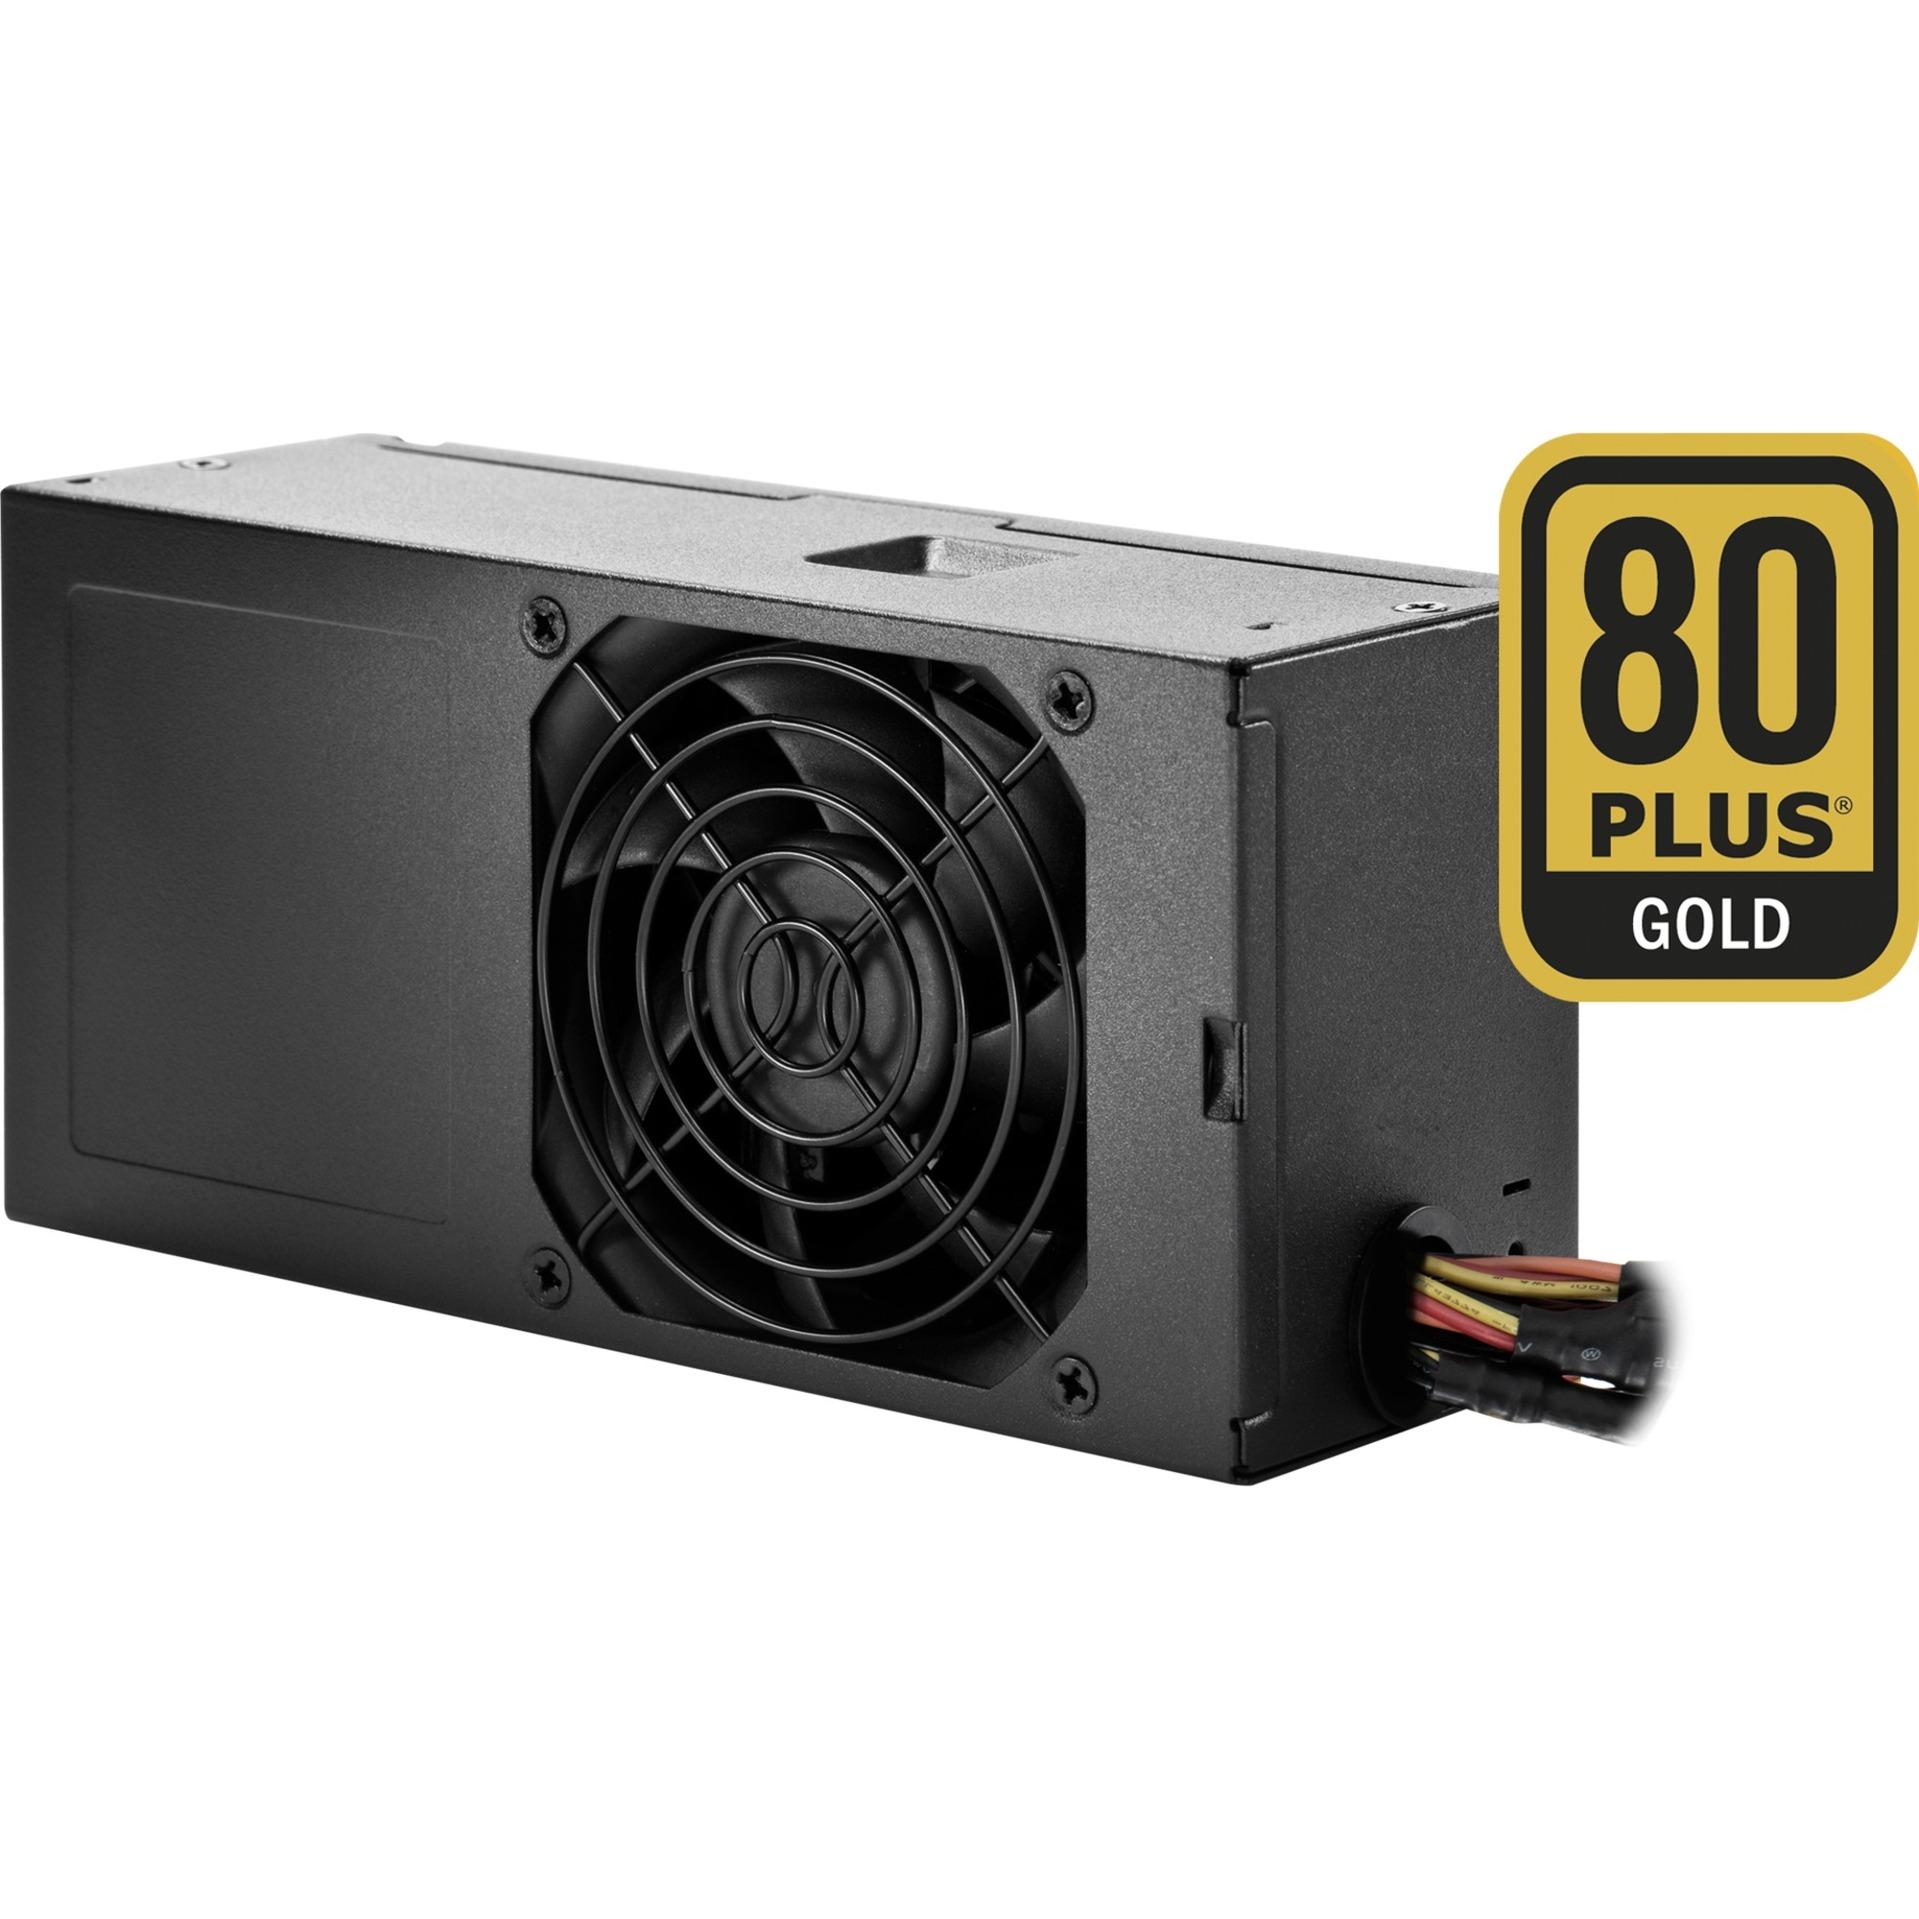 BN229 300W TFX Negro unidad de fuente de alimentación, Fuente de alimentación de PC